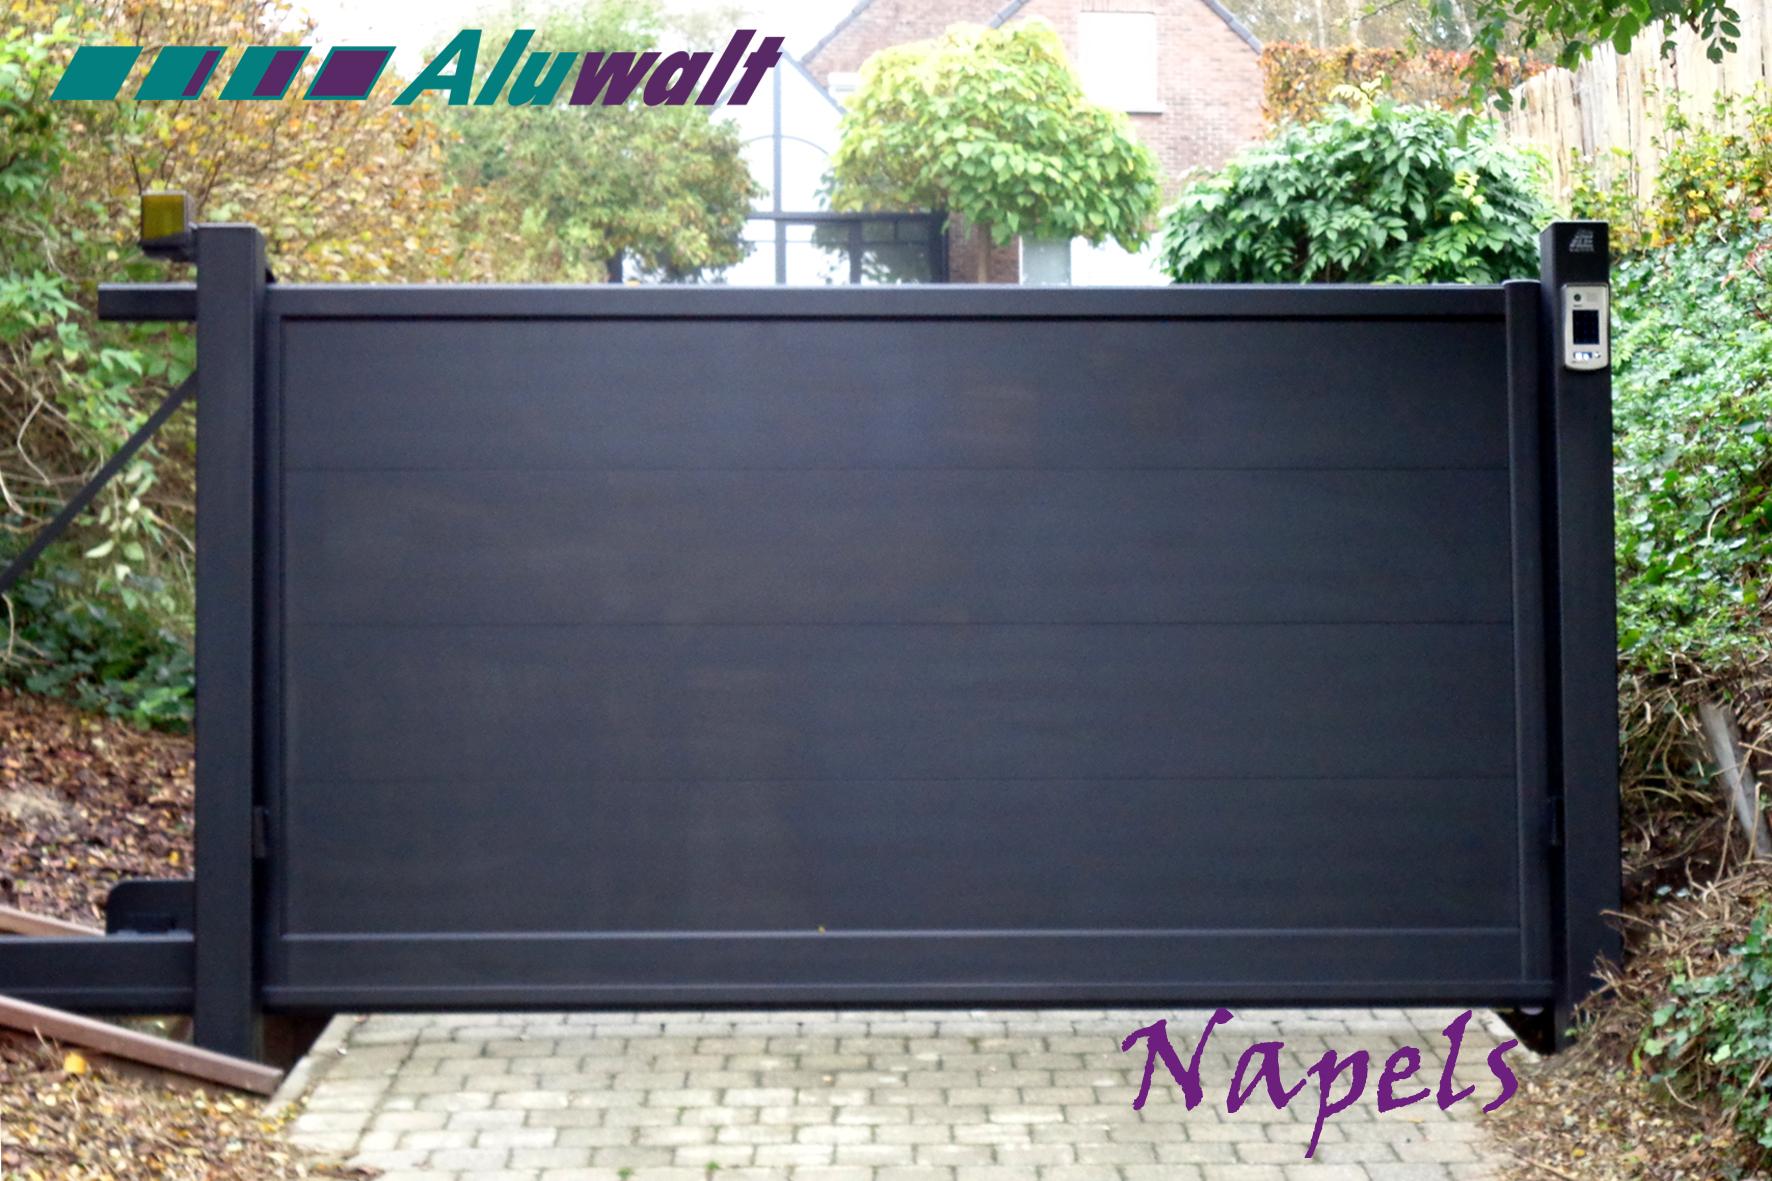 Napels3